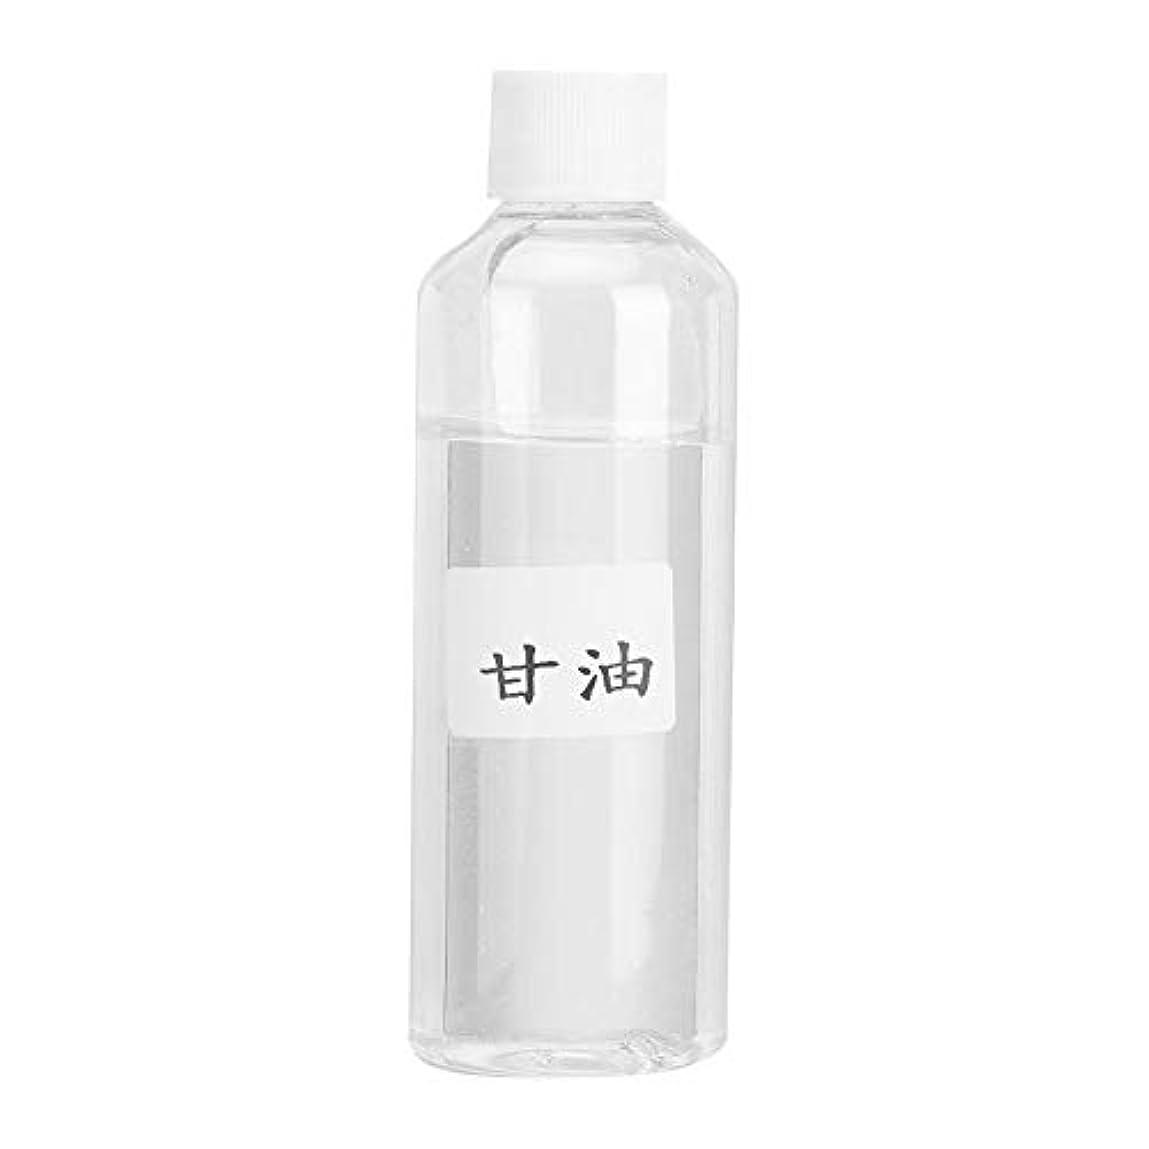 セメント全く出会い化粧品原料 化粧品DIY原料 グリセロール植物水分原料を作る